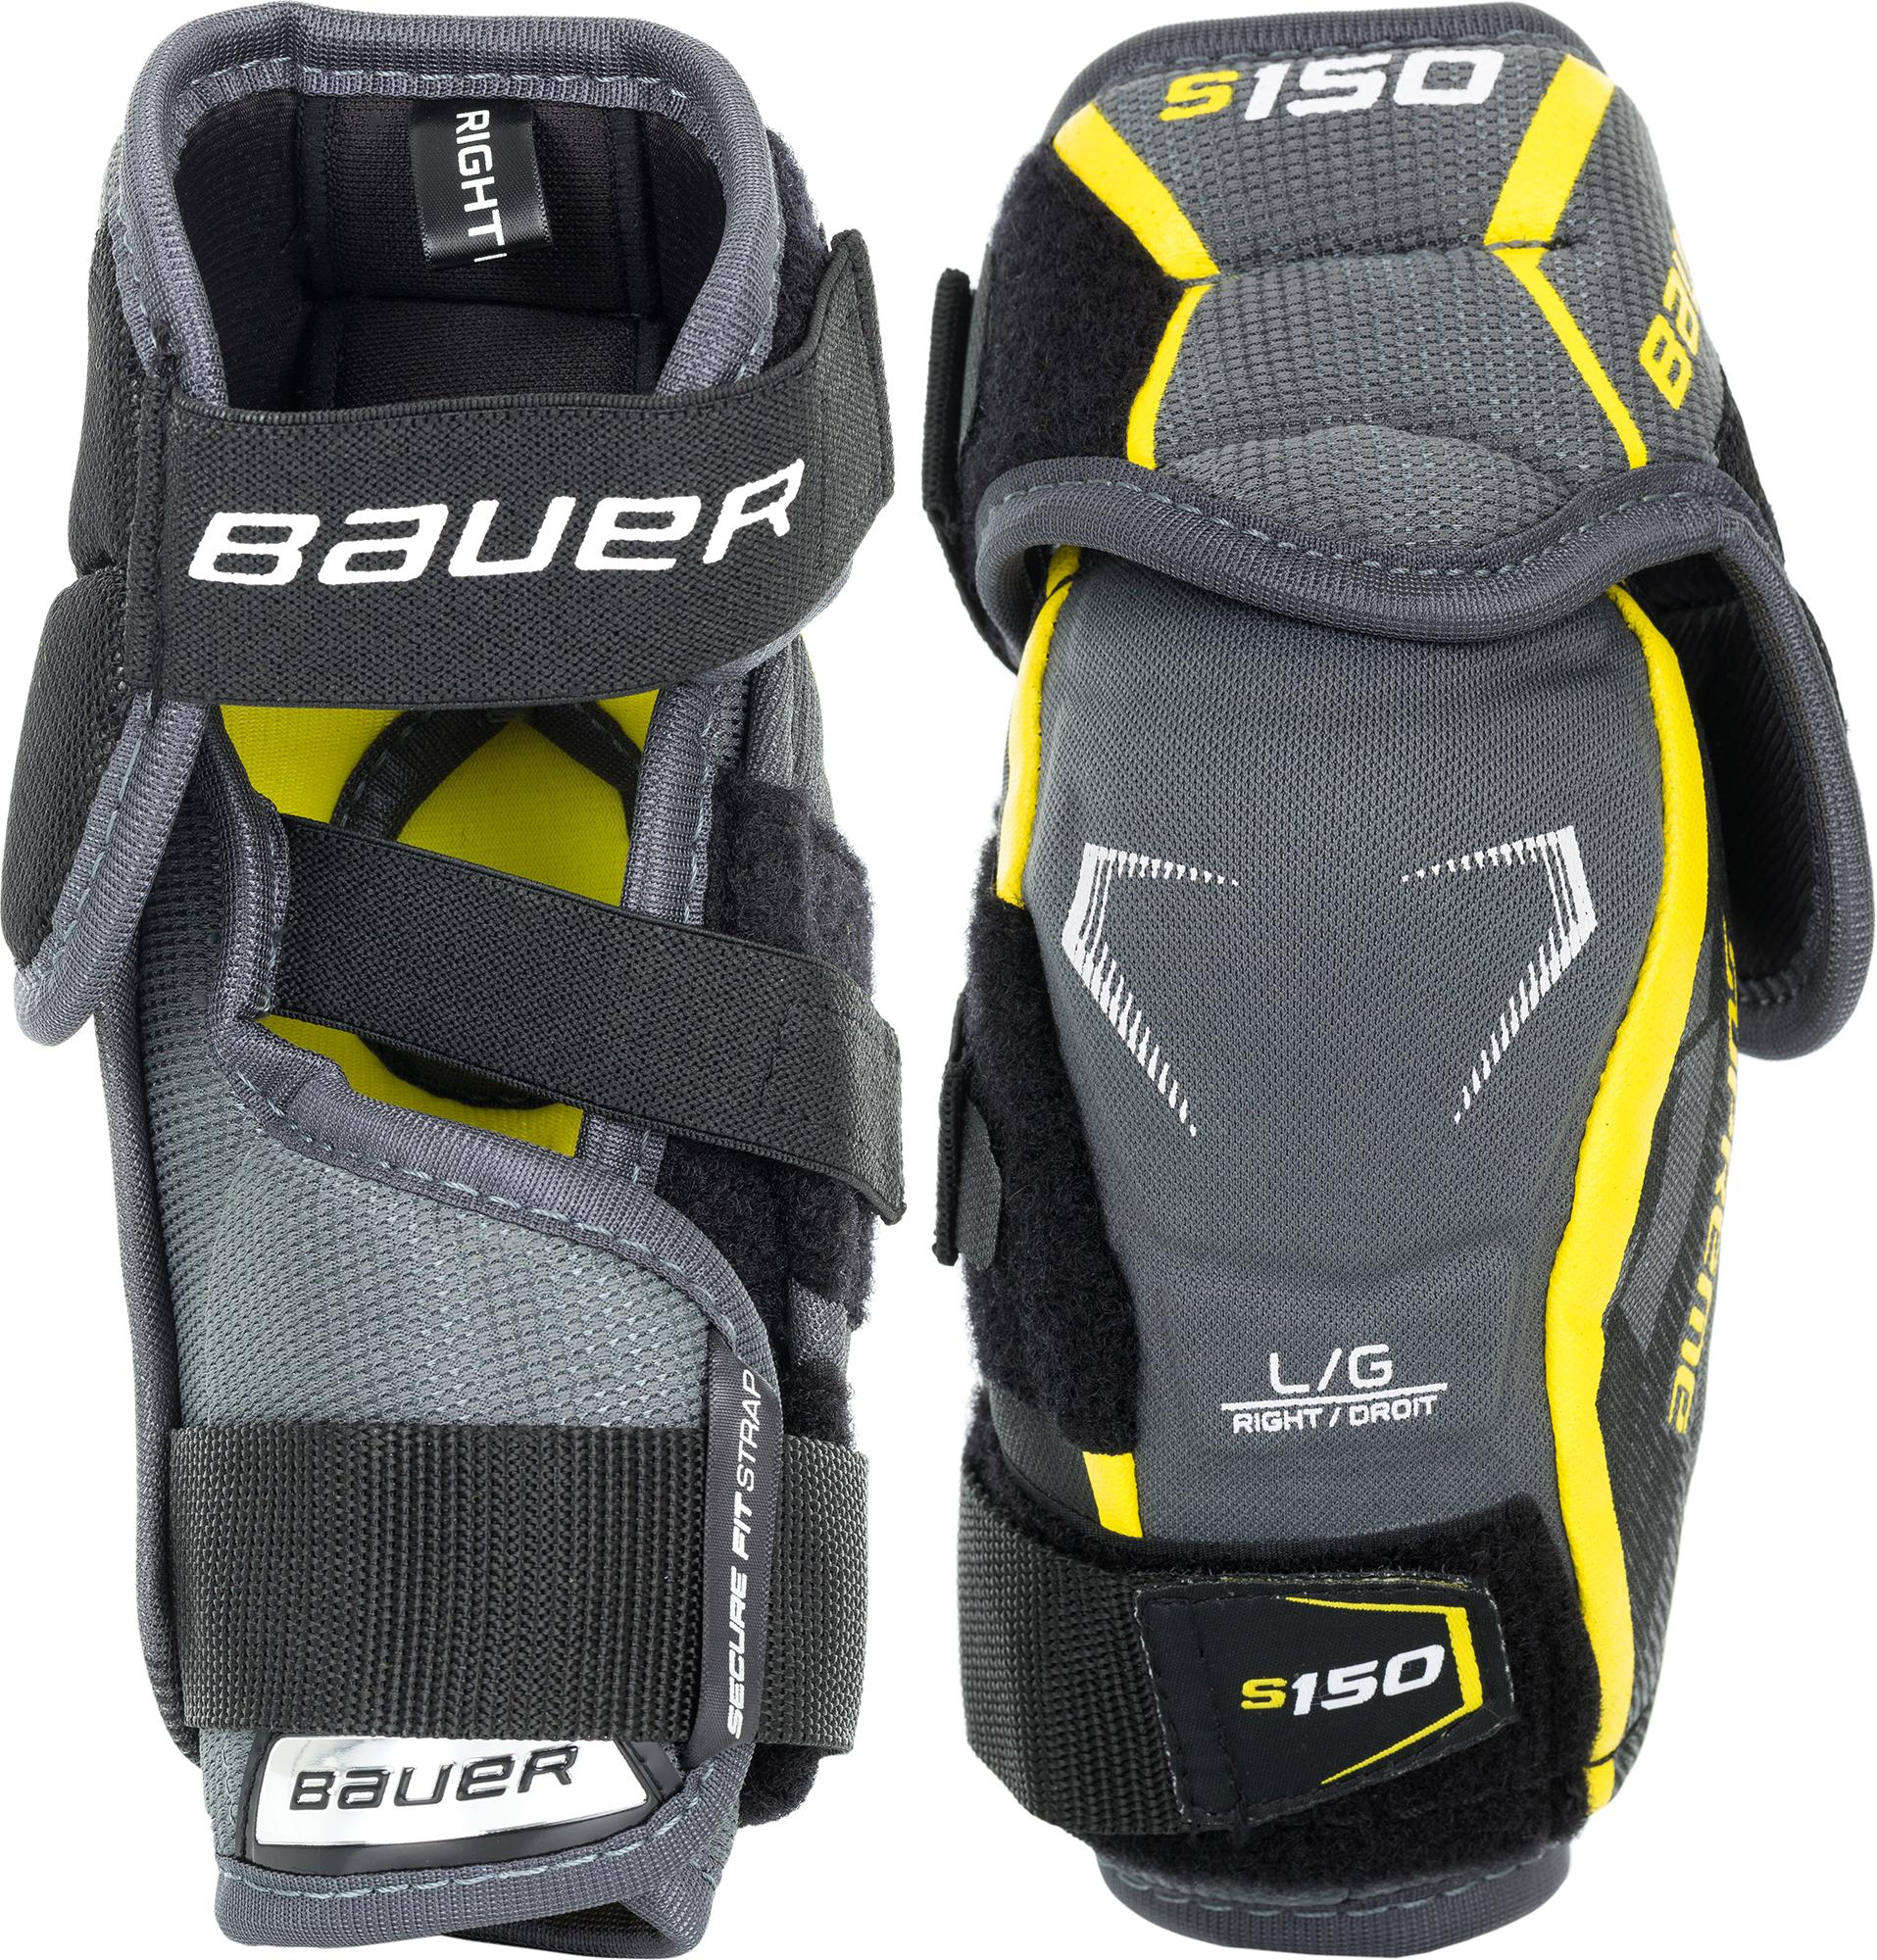 цены на Bauer Налокотники хоккейные детские Bauer S17 Supreme S150